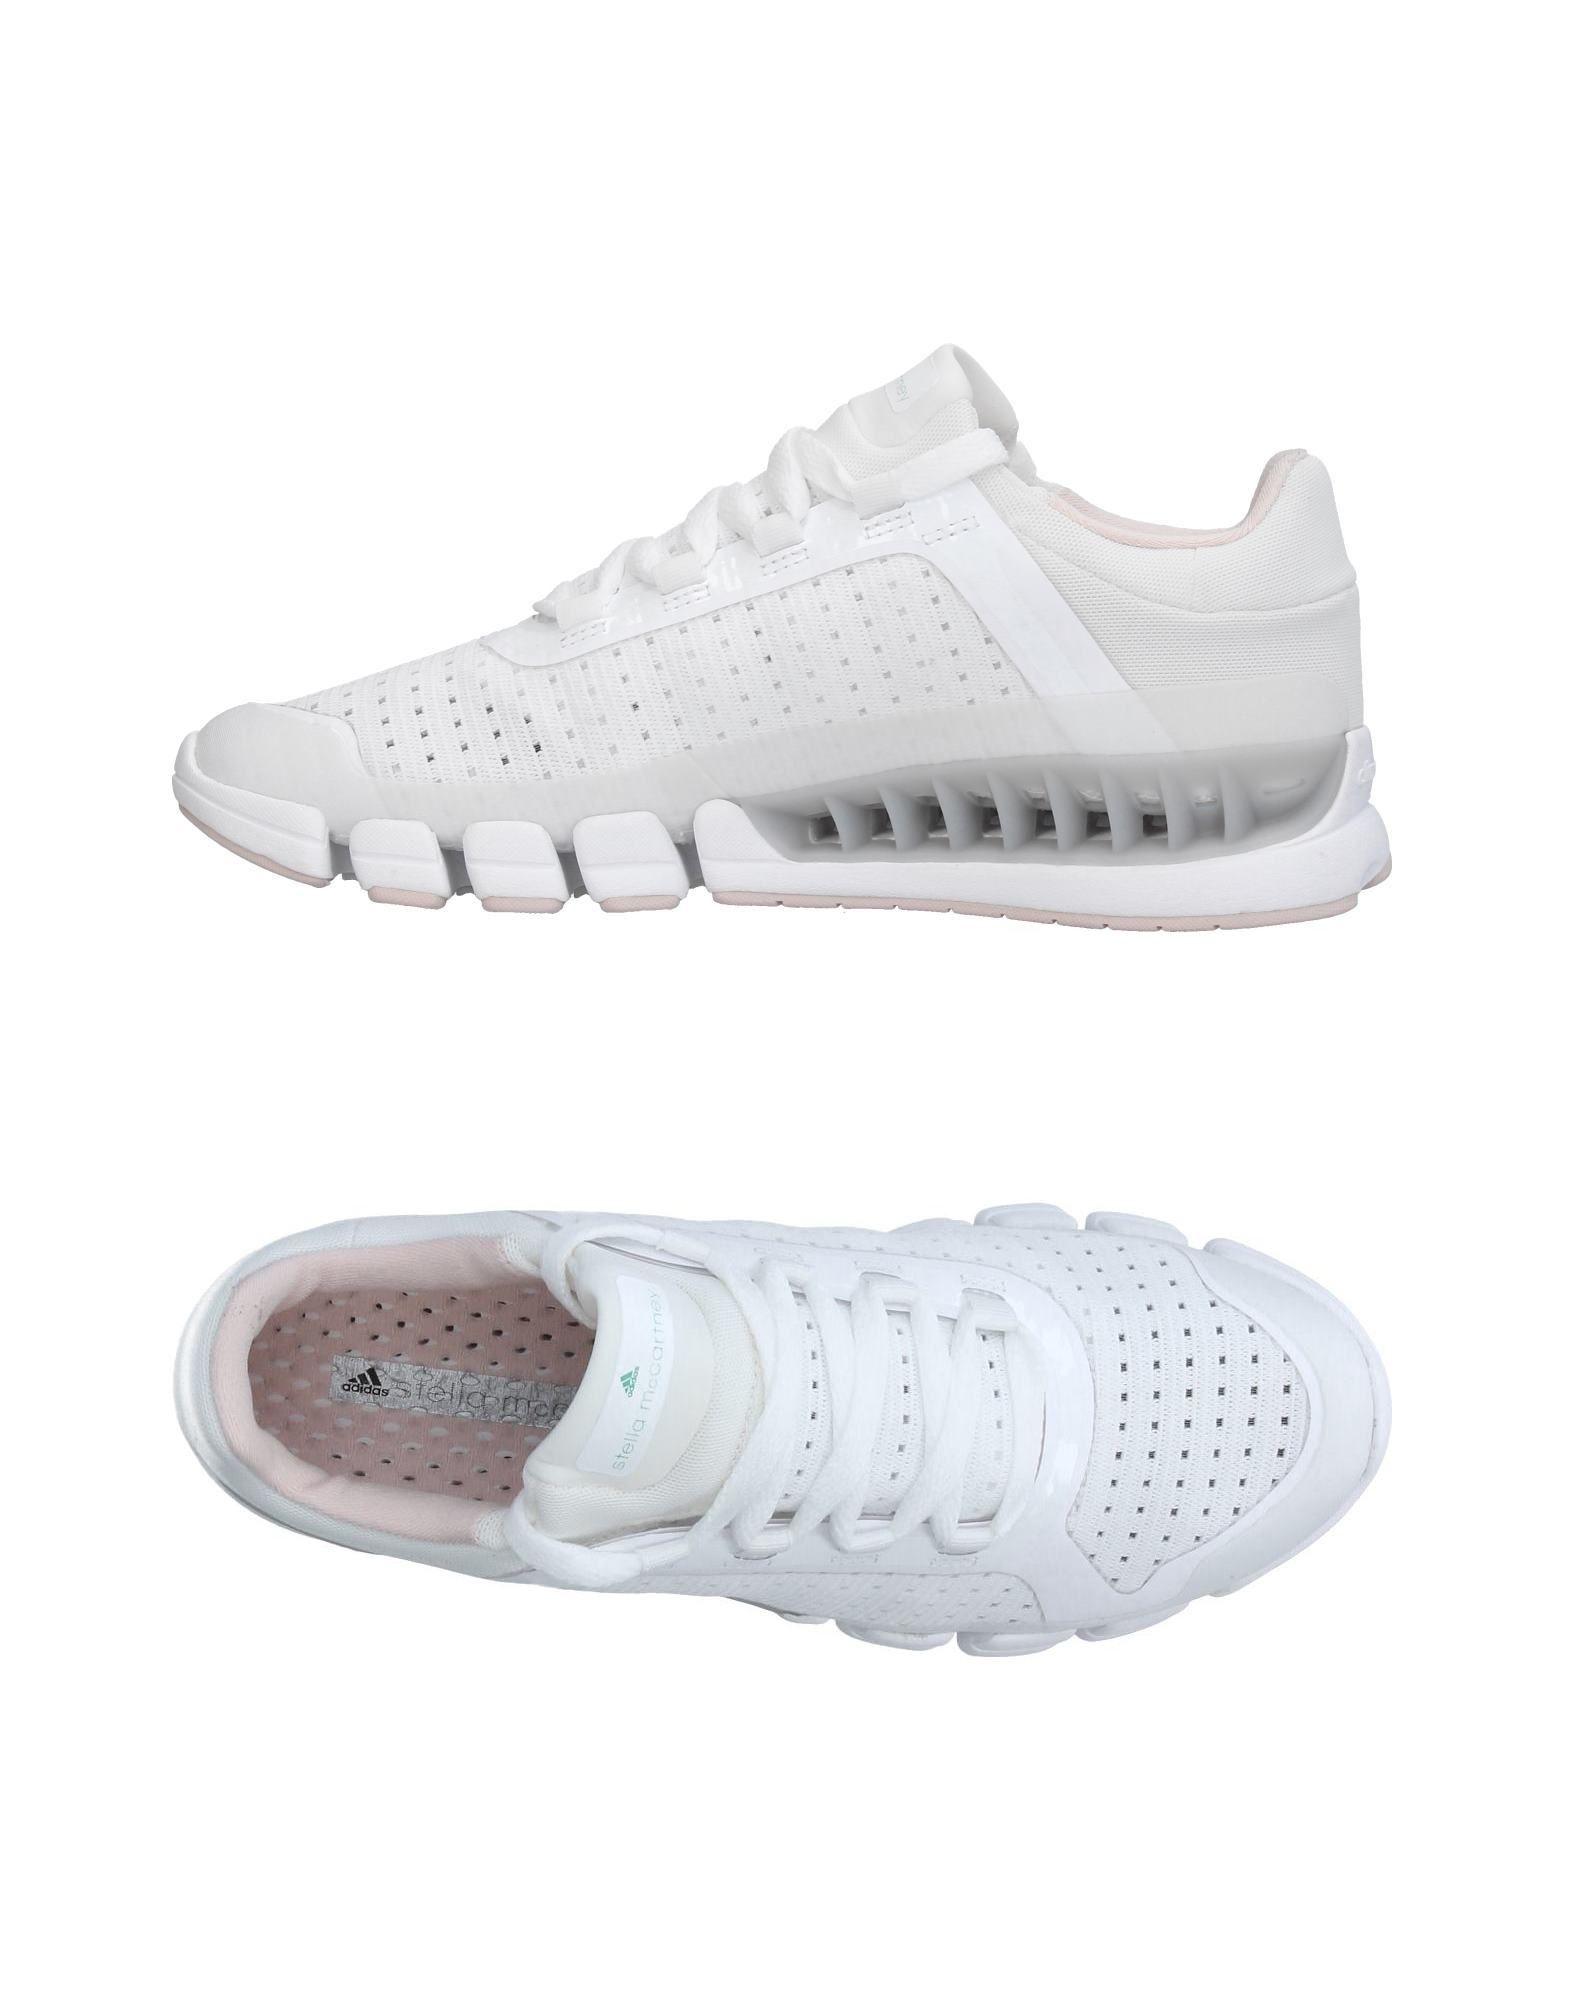 Zapatillas Mccartney Adidas By Stella Mccartney Zapatillas Mujer - Zapatillas Adidas By Stella Mccartney  Blanco 7c887d